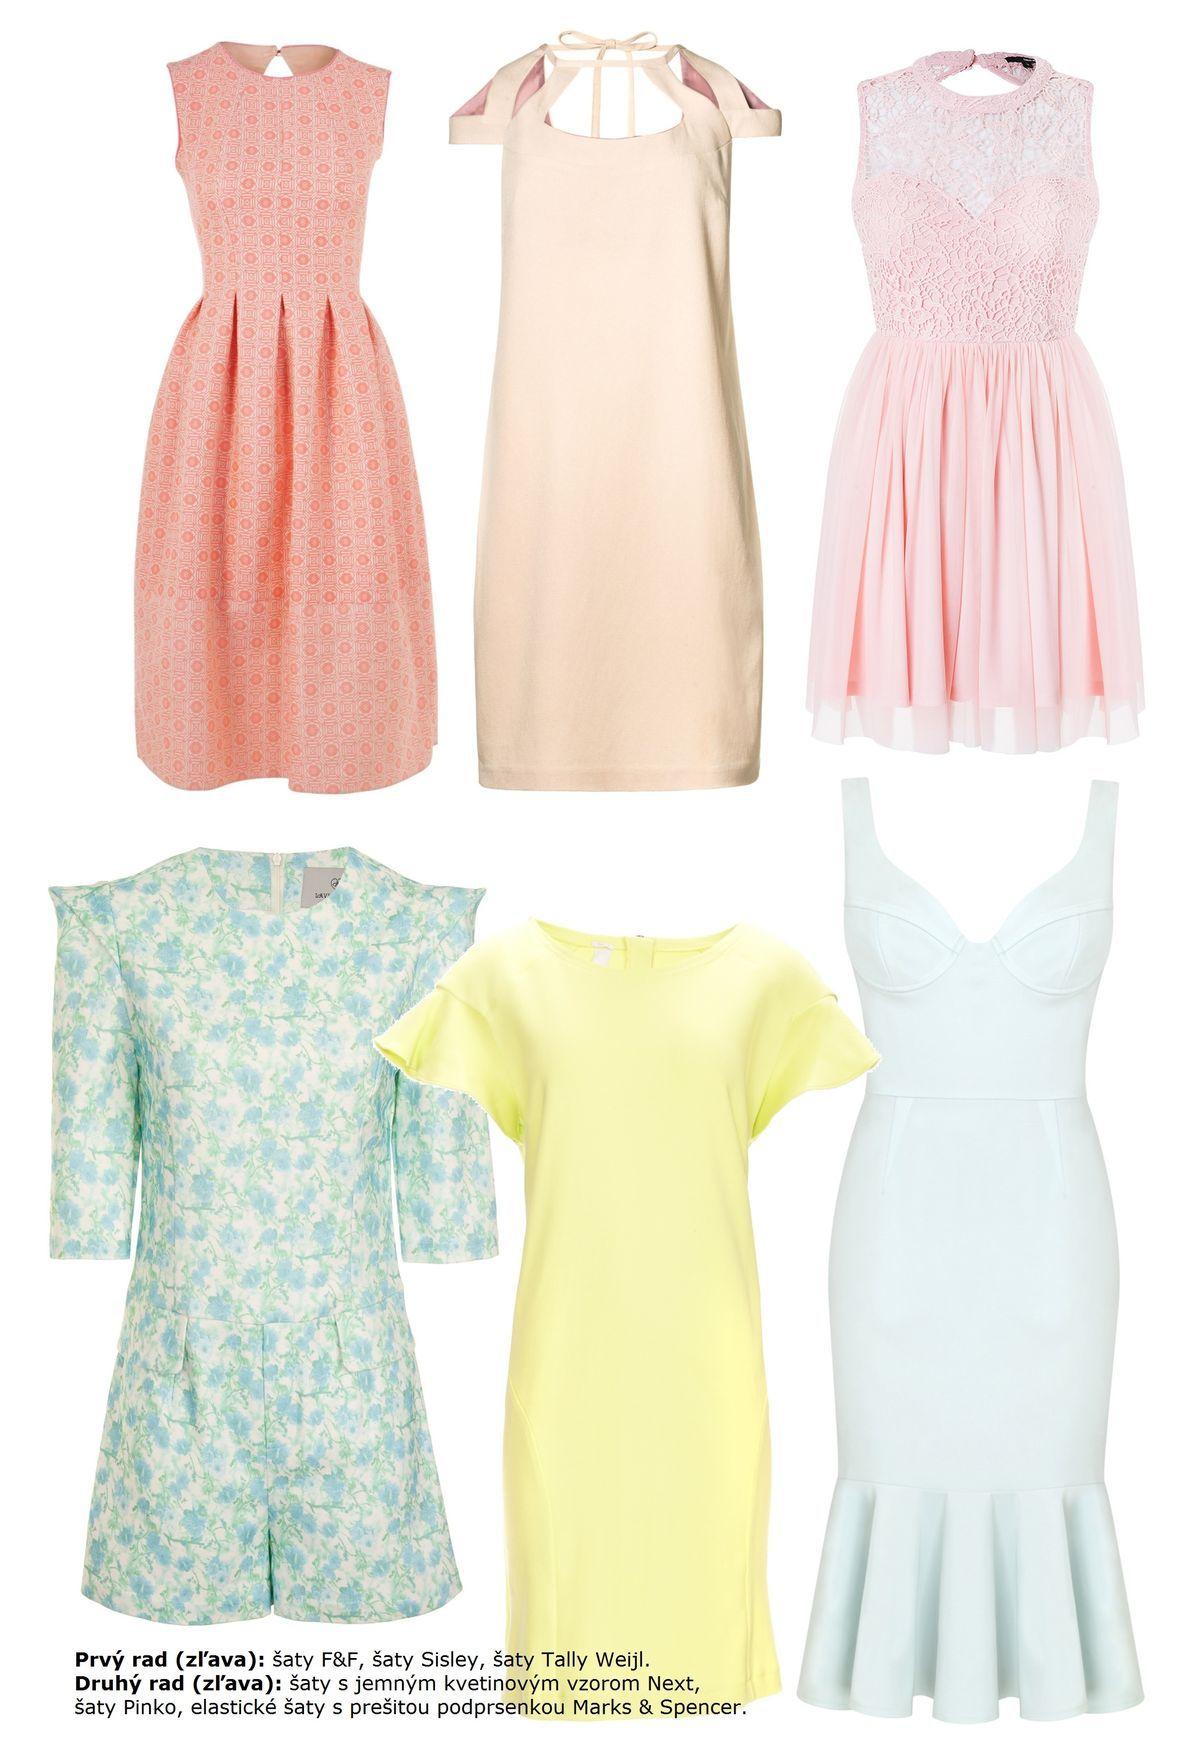 7ef1c268f7a7 Šaty naše každodenné! Vyberte si zo 48 tipov trendových modelov jari ...